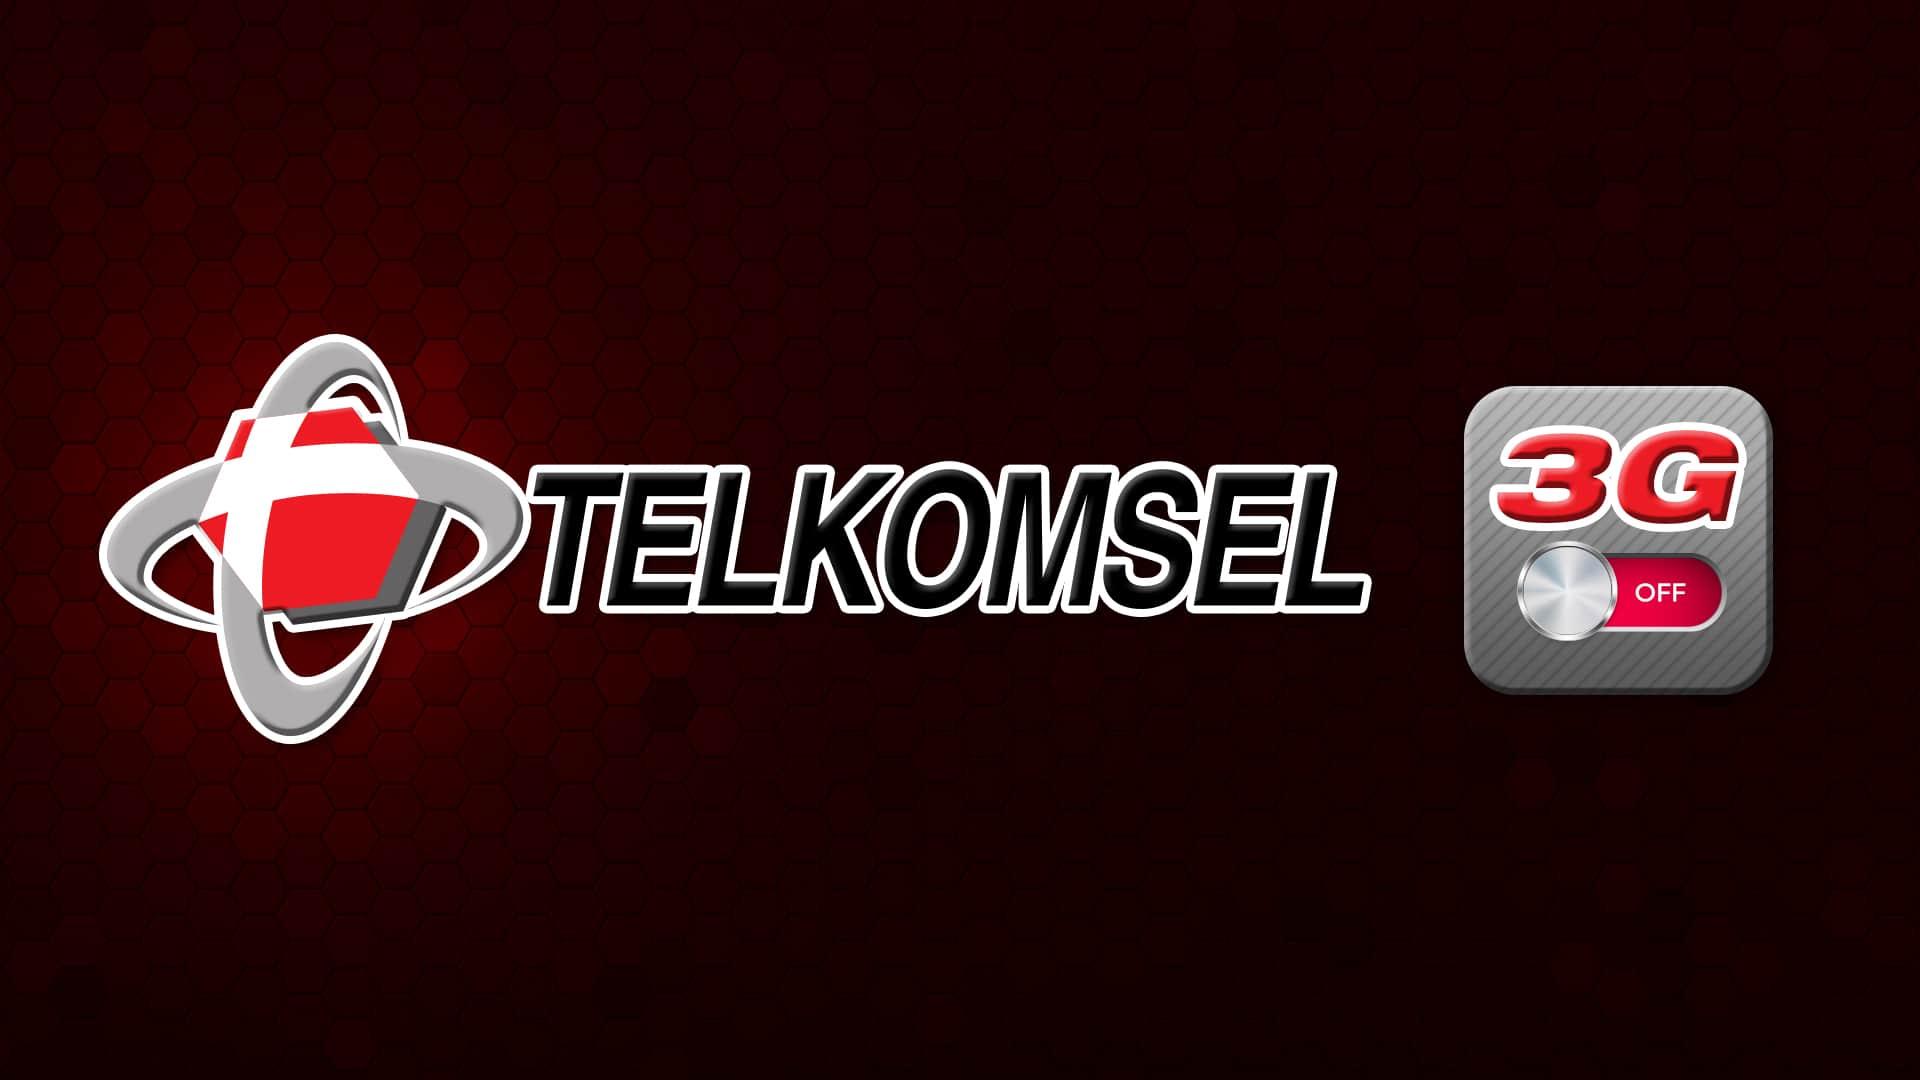 telkomsel_3g